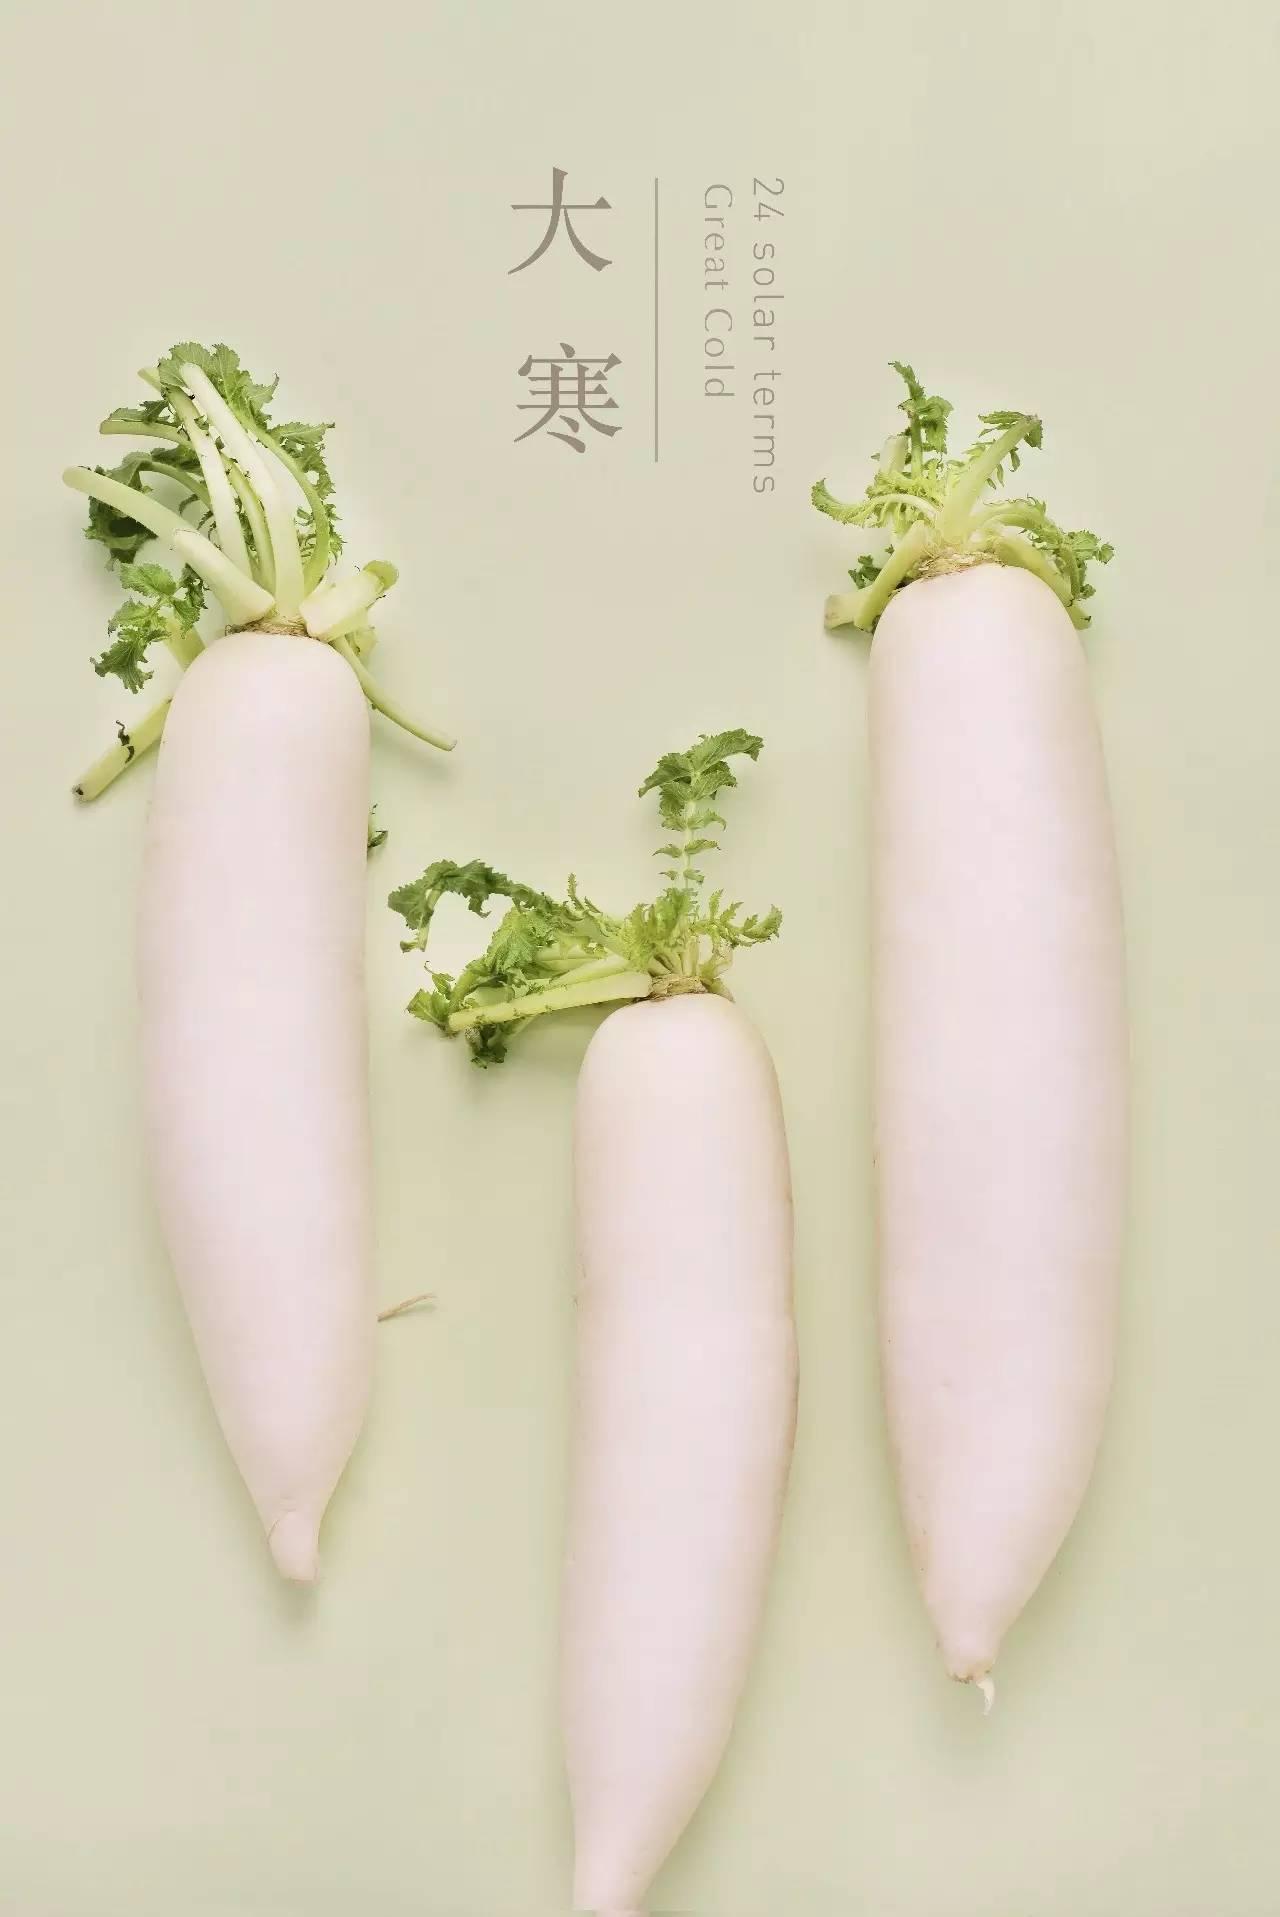 明日大寒,吃萝卜